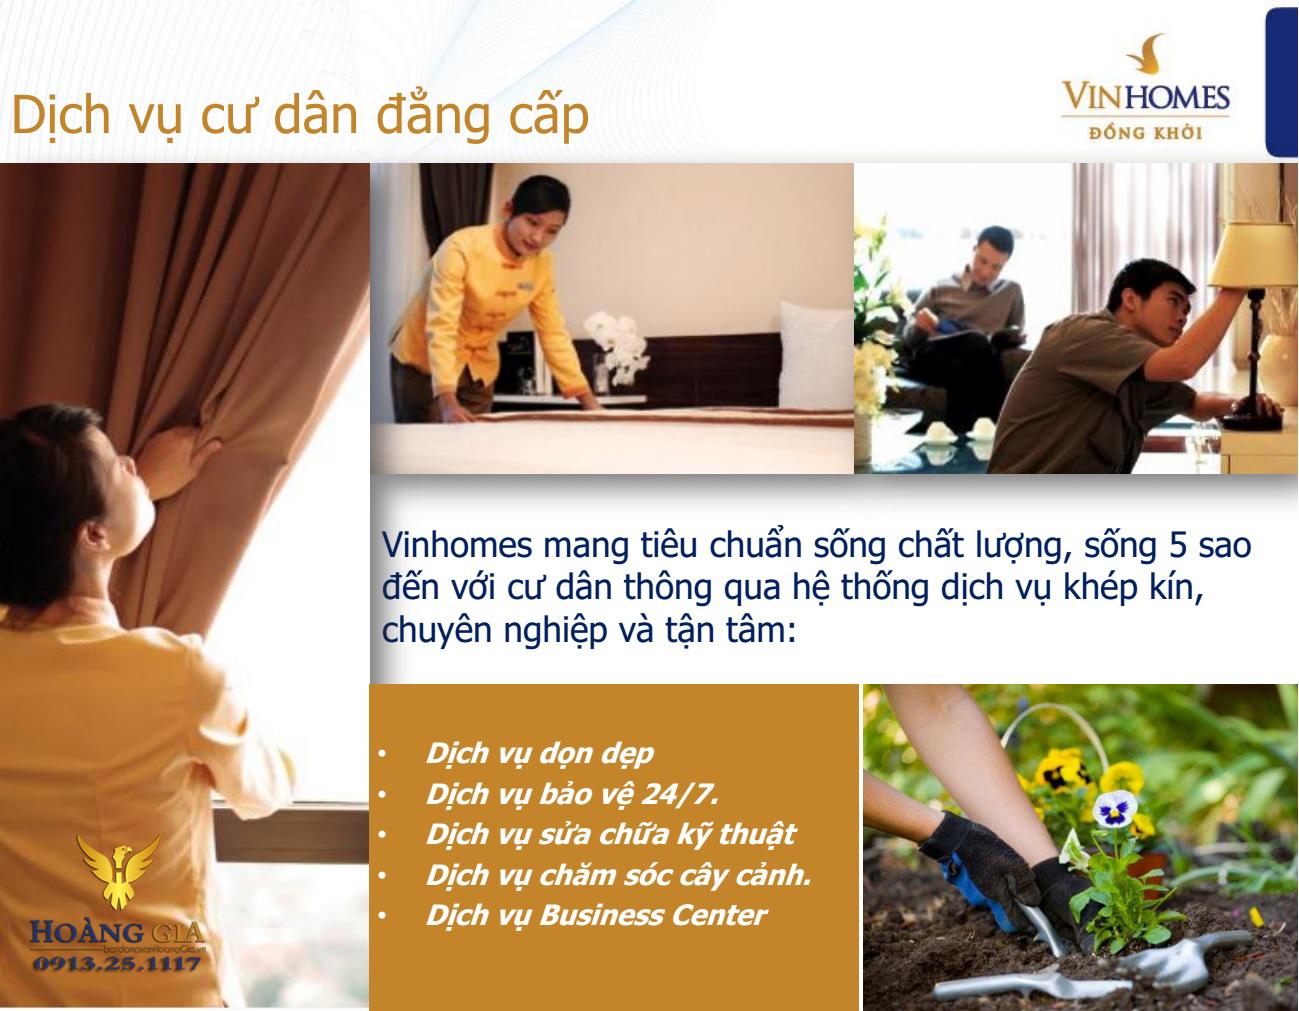 Dịch vụ cao cấp Vinhomes Đồng Khởi